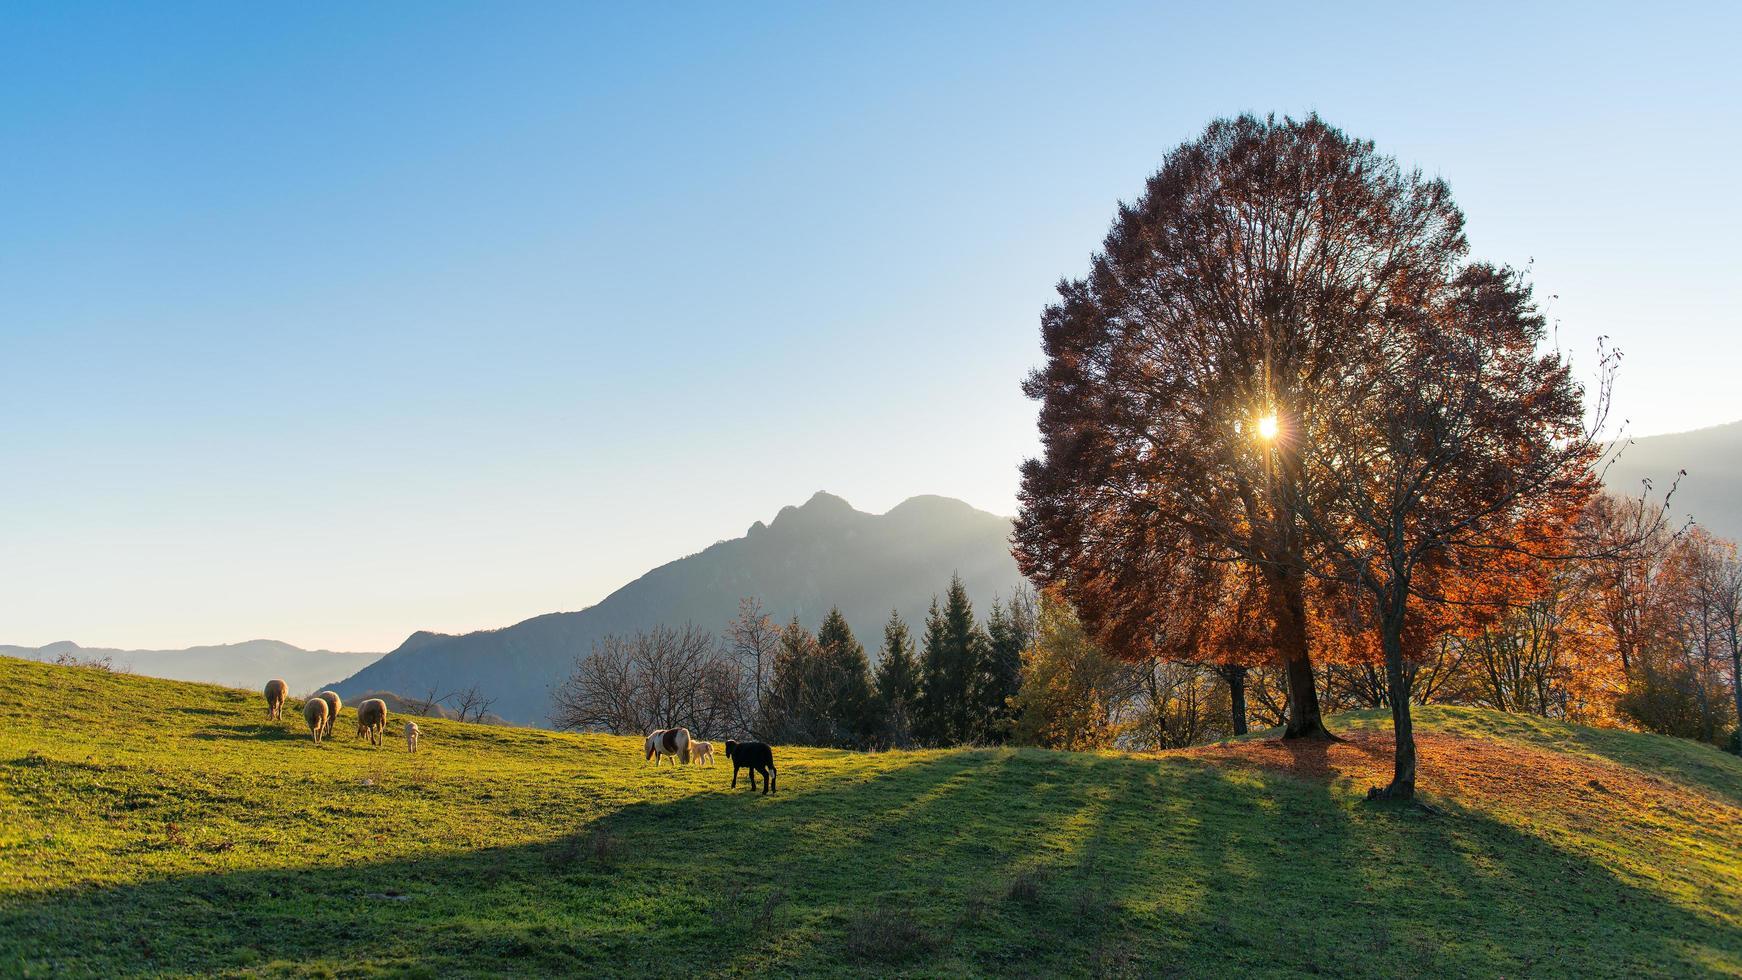 scène van bergweiden in de herfst foto